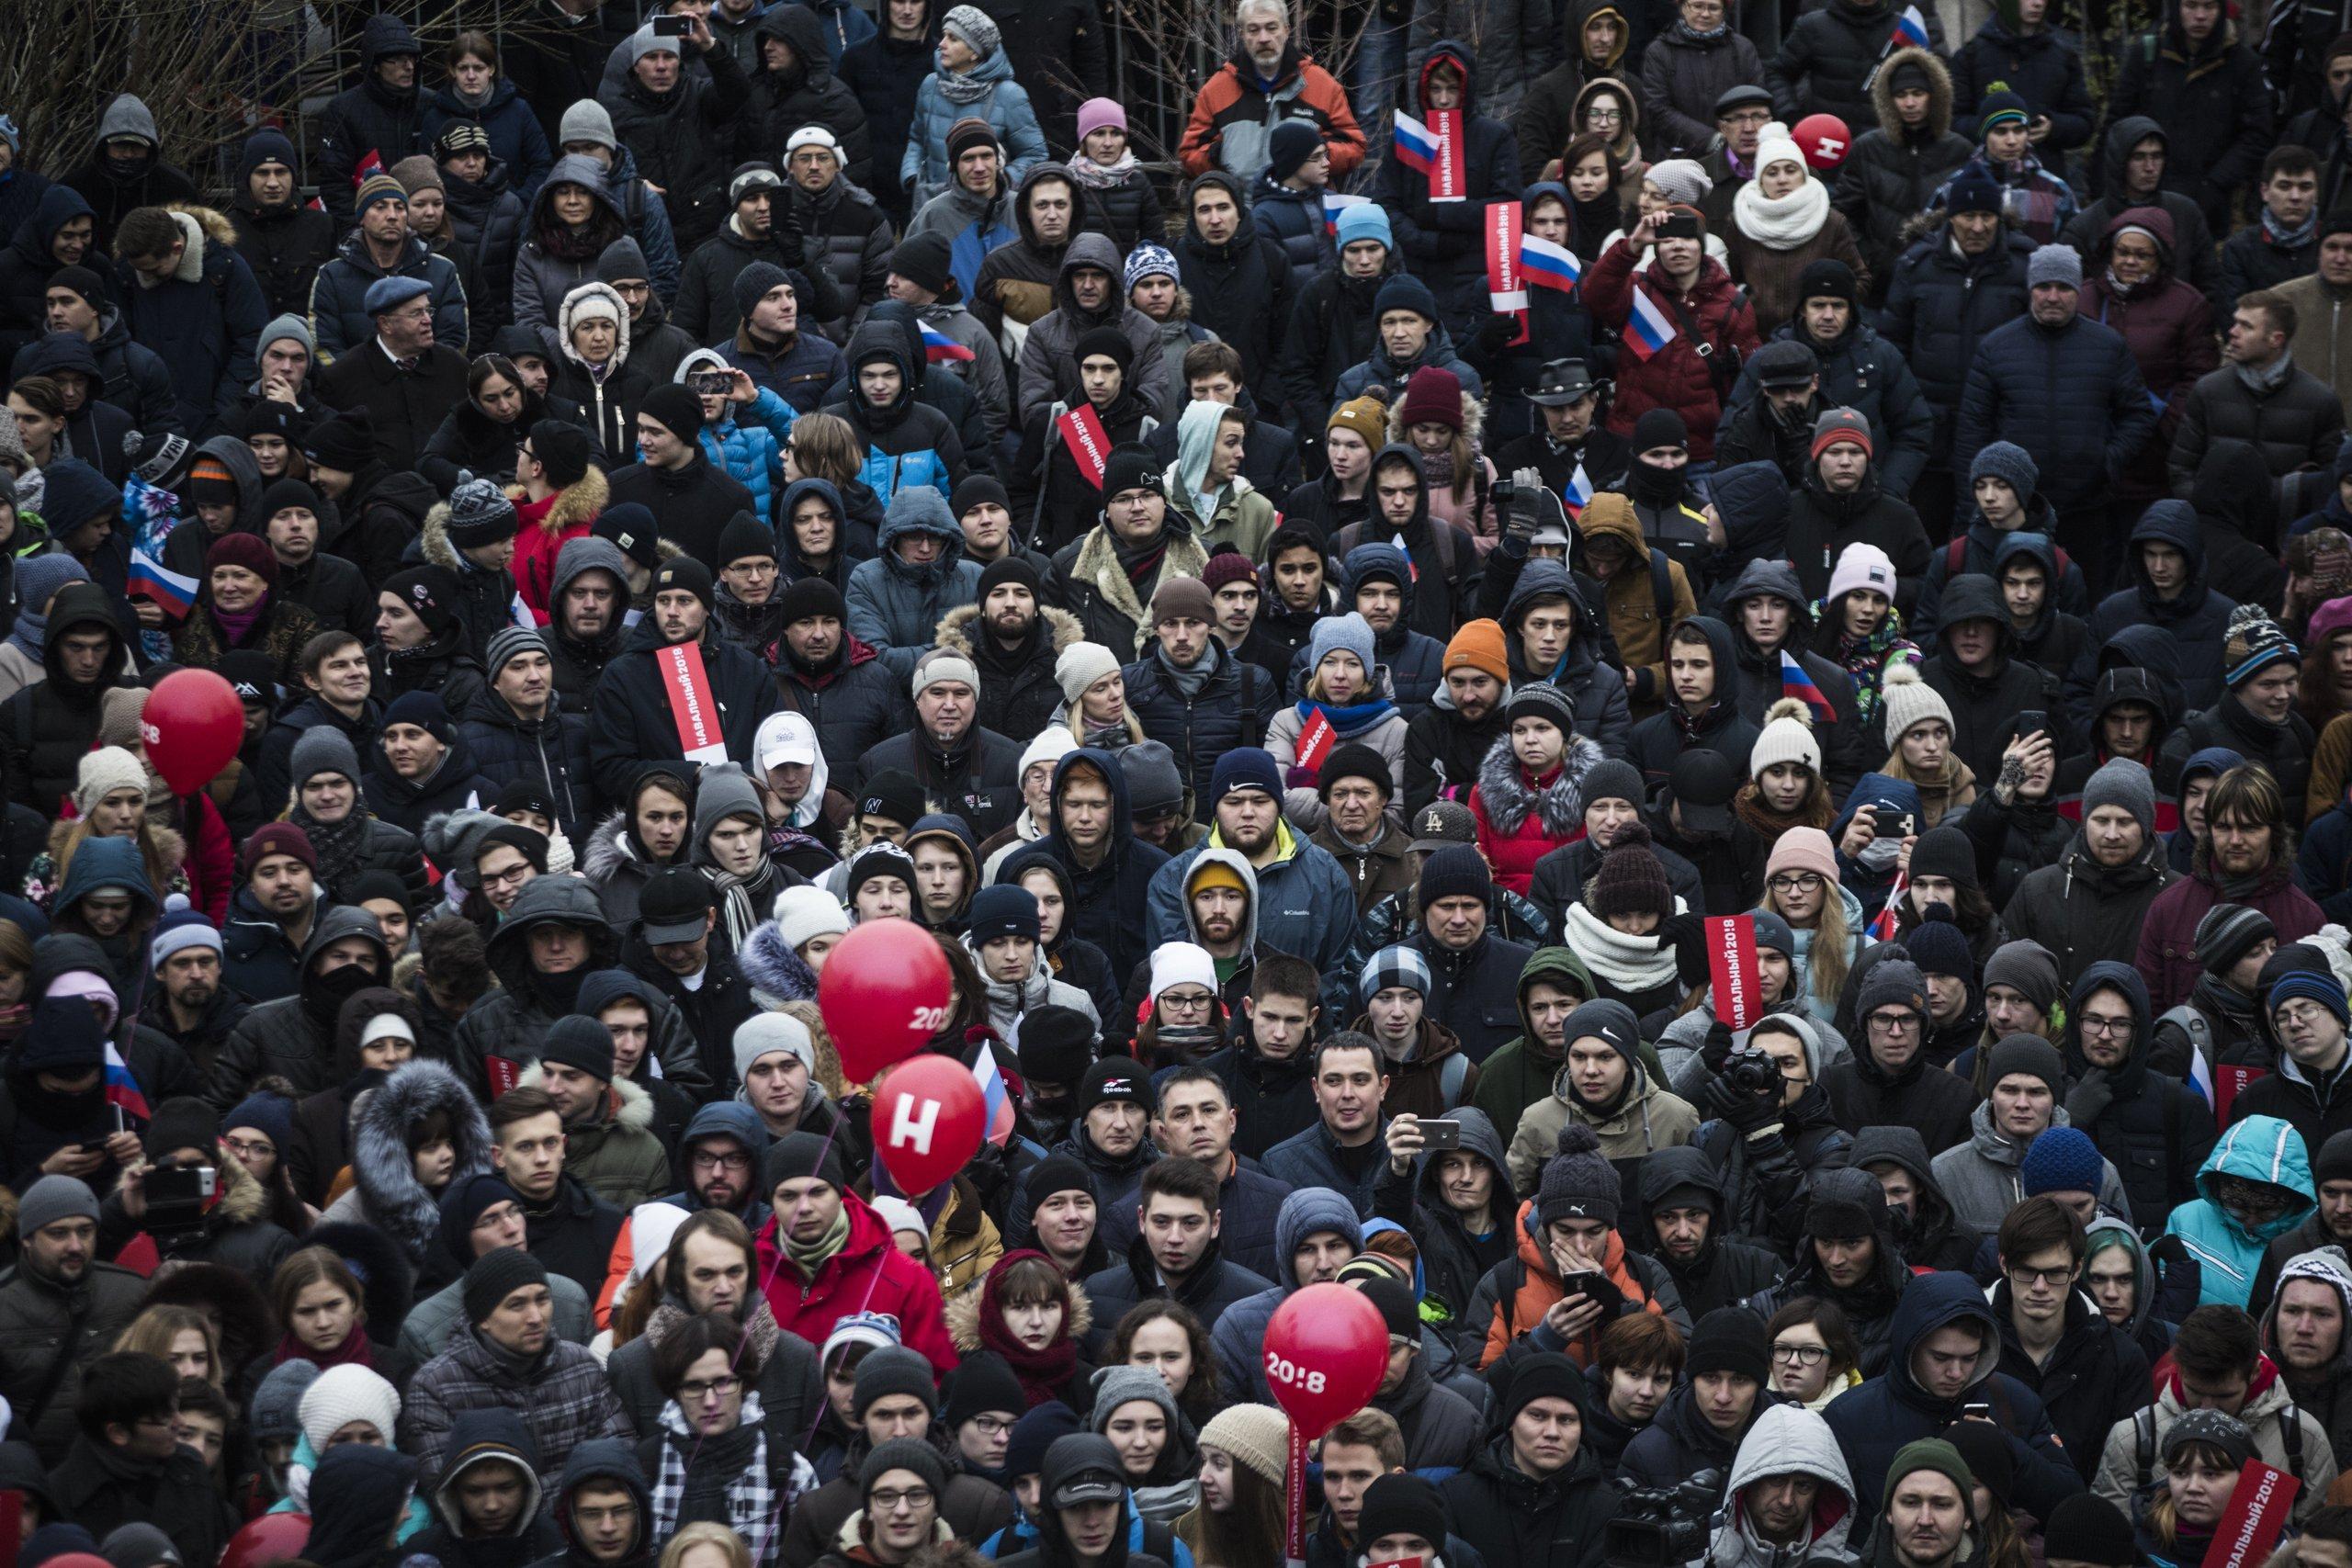 Из-за дерева, спиленного на месте проведения митинга Навального, возбудили уголовное дело